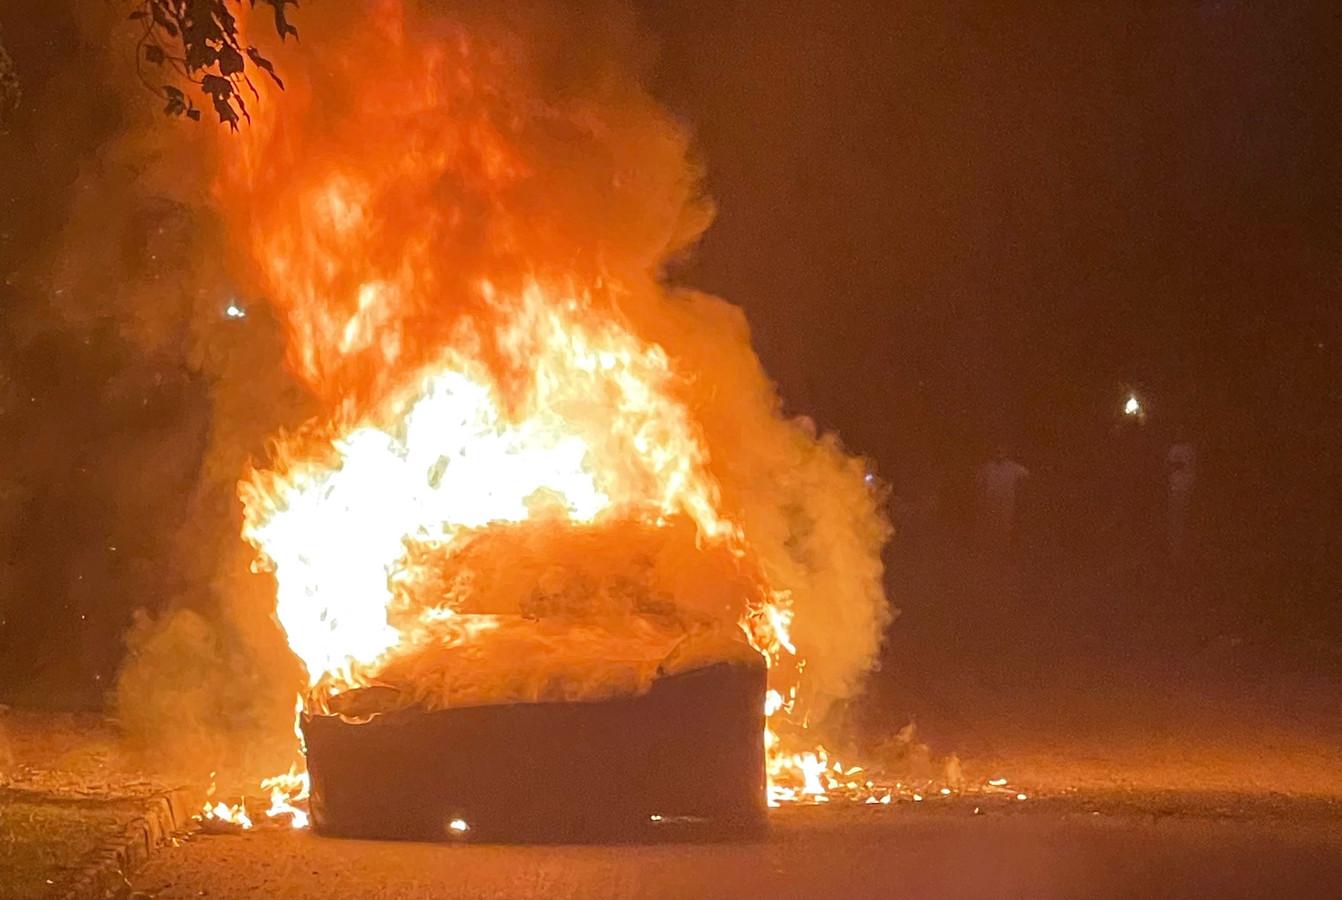 Volgens een van de advocaten van de chauffeur zou de Tesla Model S Plaid vanzelf in brand zijn gevlogen. De chauffeur kon zonder enige verwonding op het nippertje aan de vlammen ontsnappen.